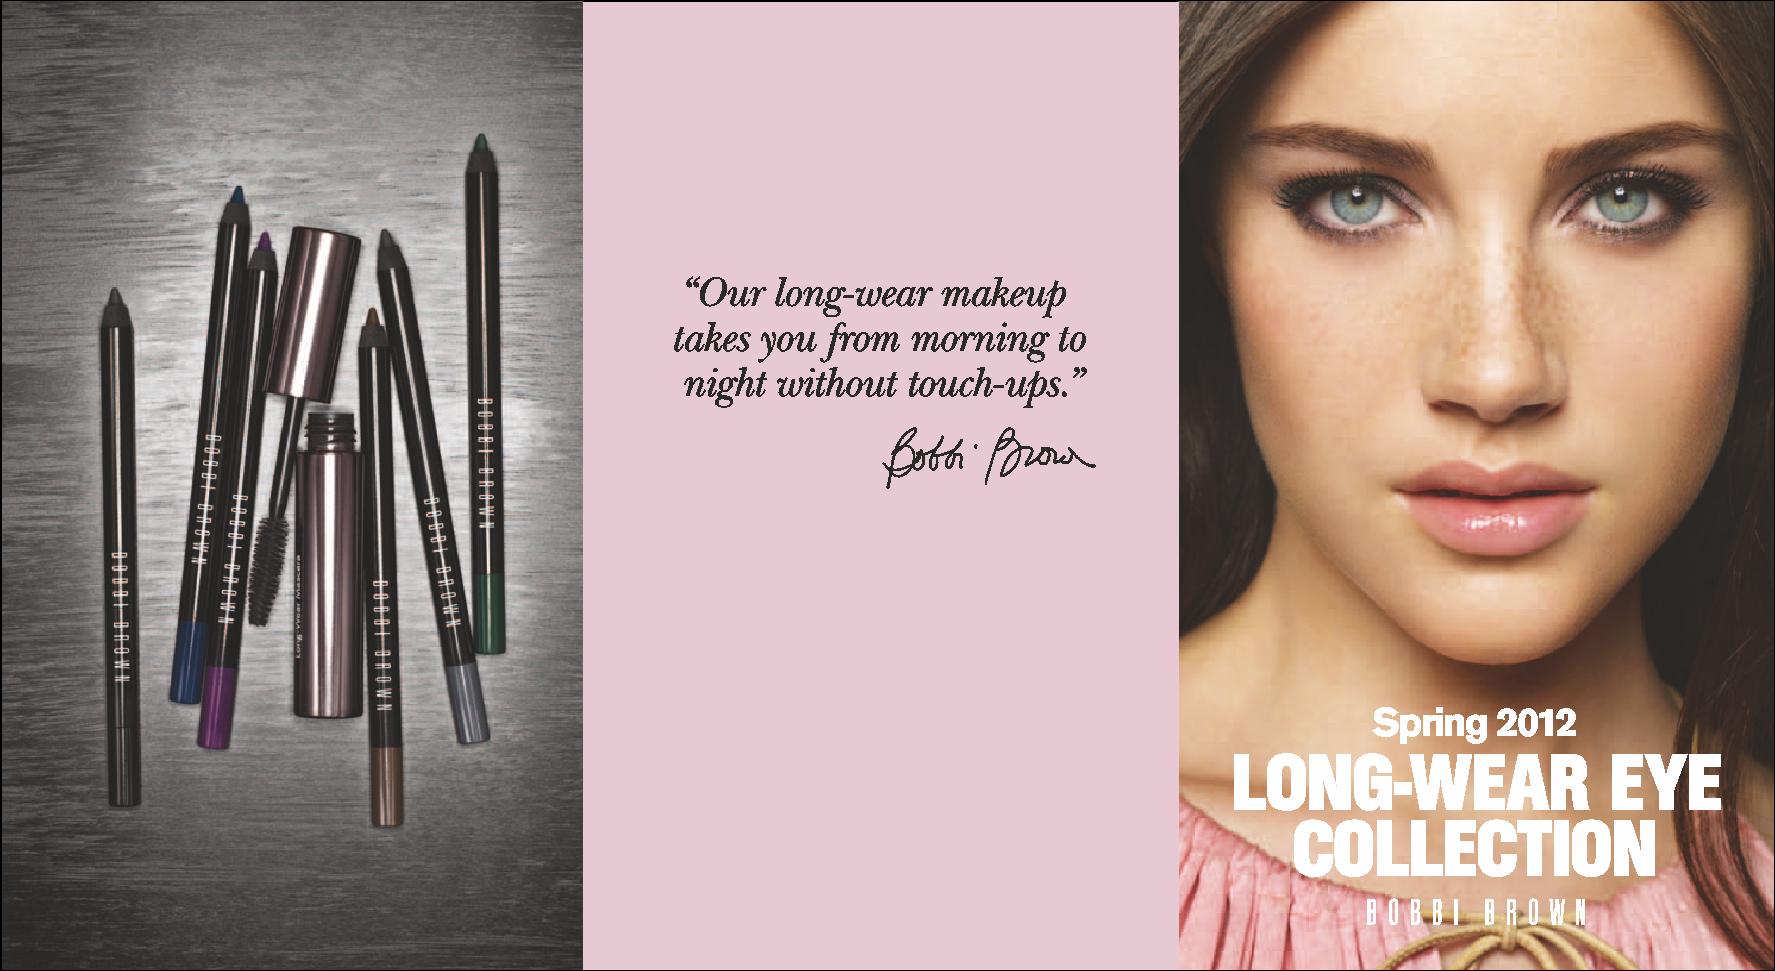 Bobbi Brown Long-Wear Eye Collection Spring 2012